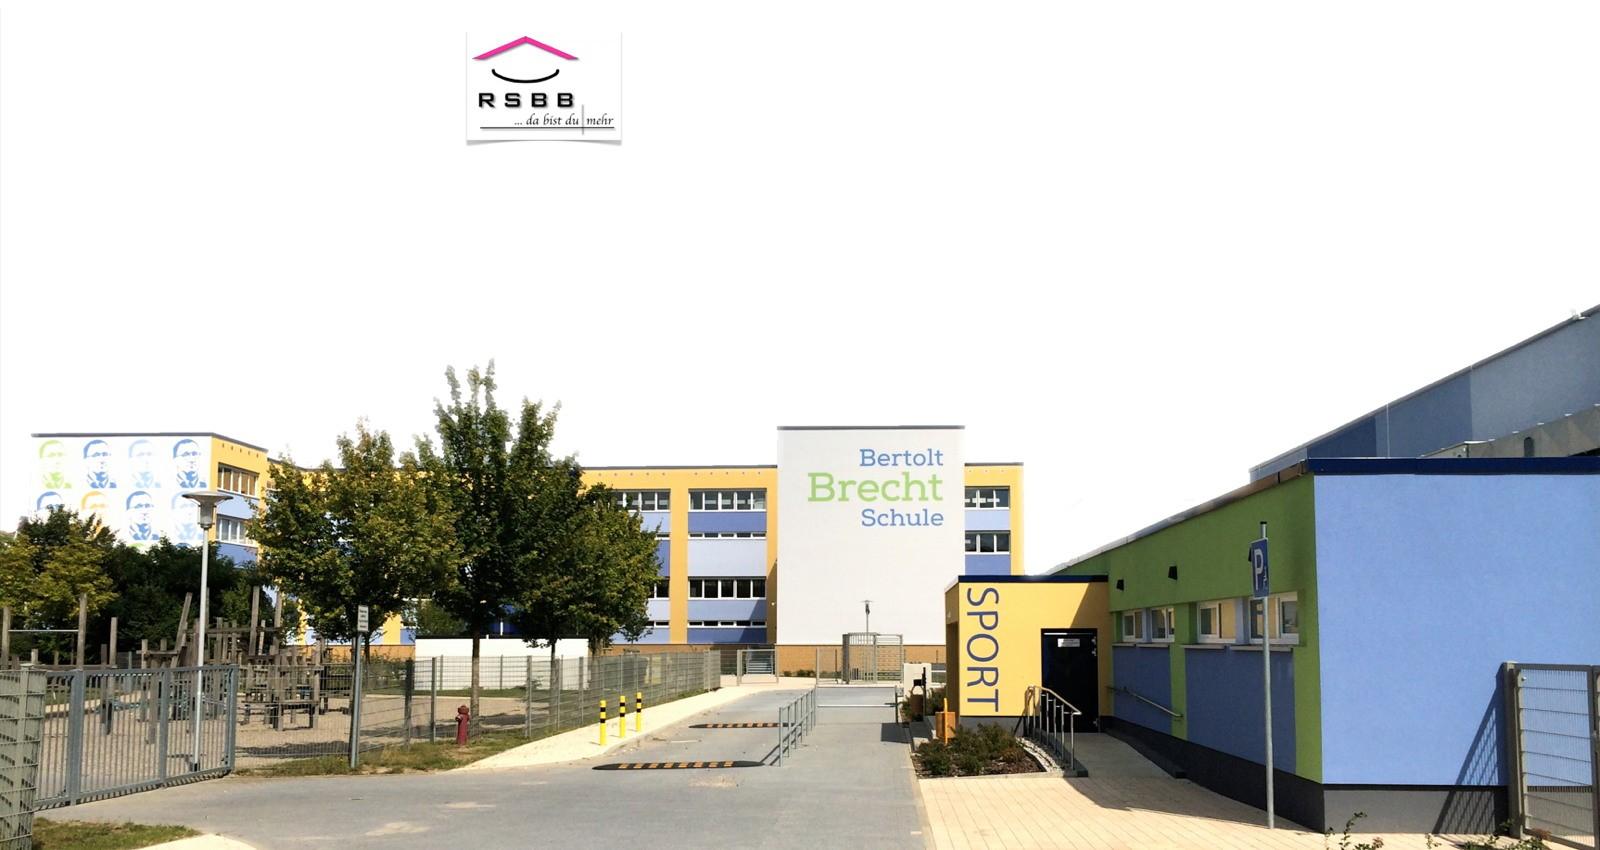 Brecht Schule Wismar